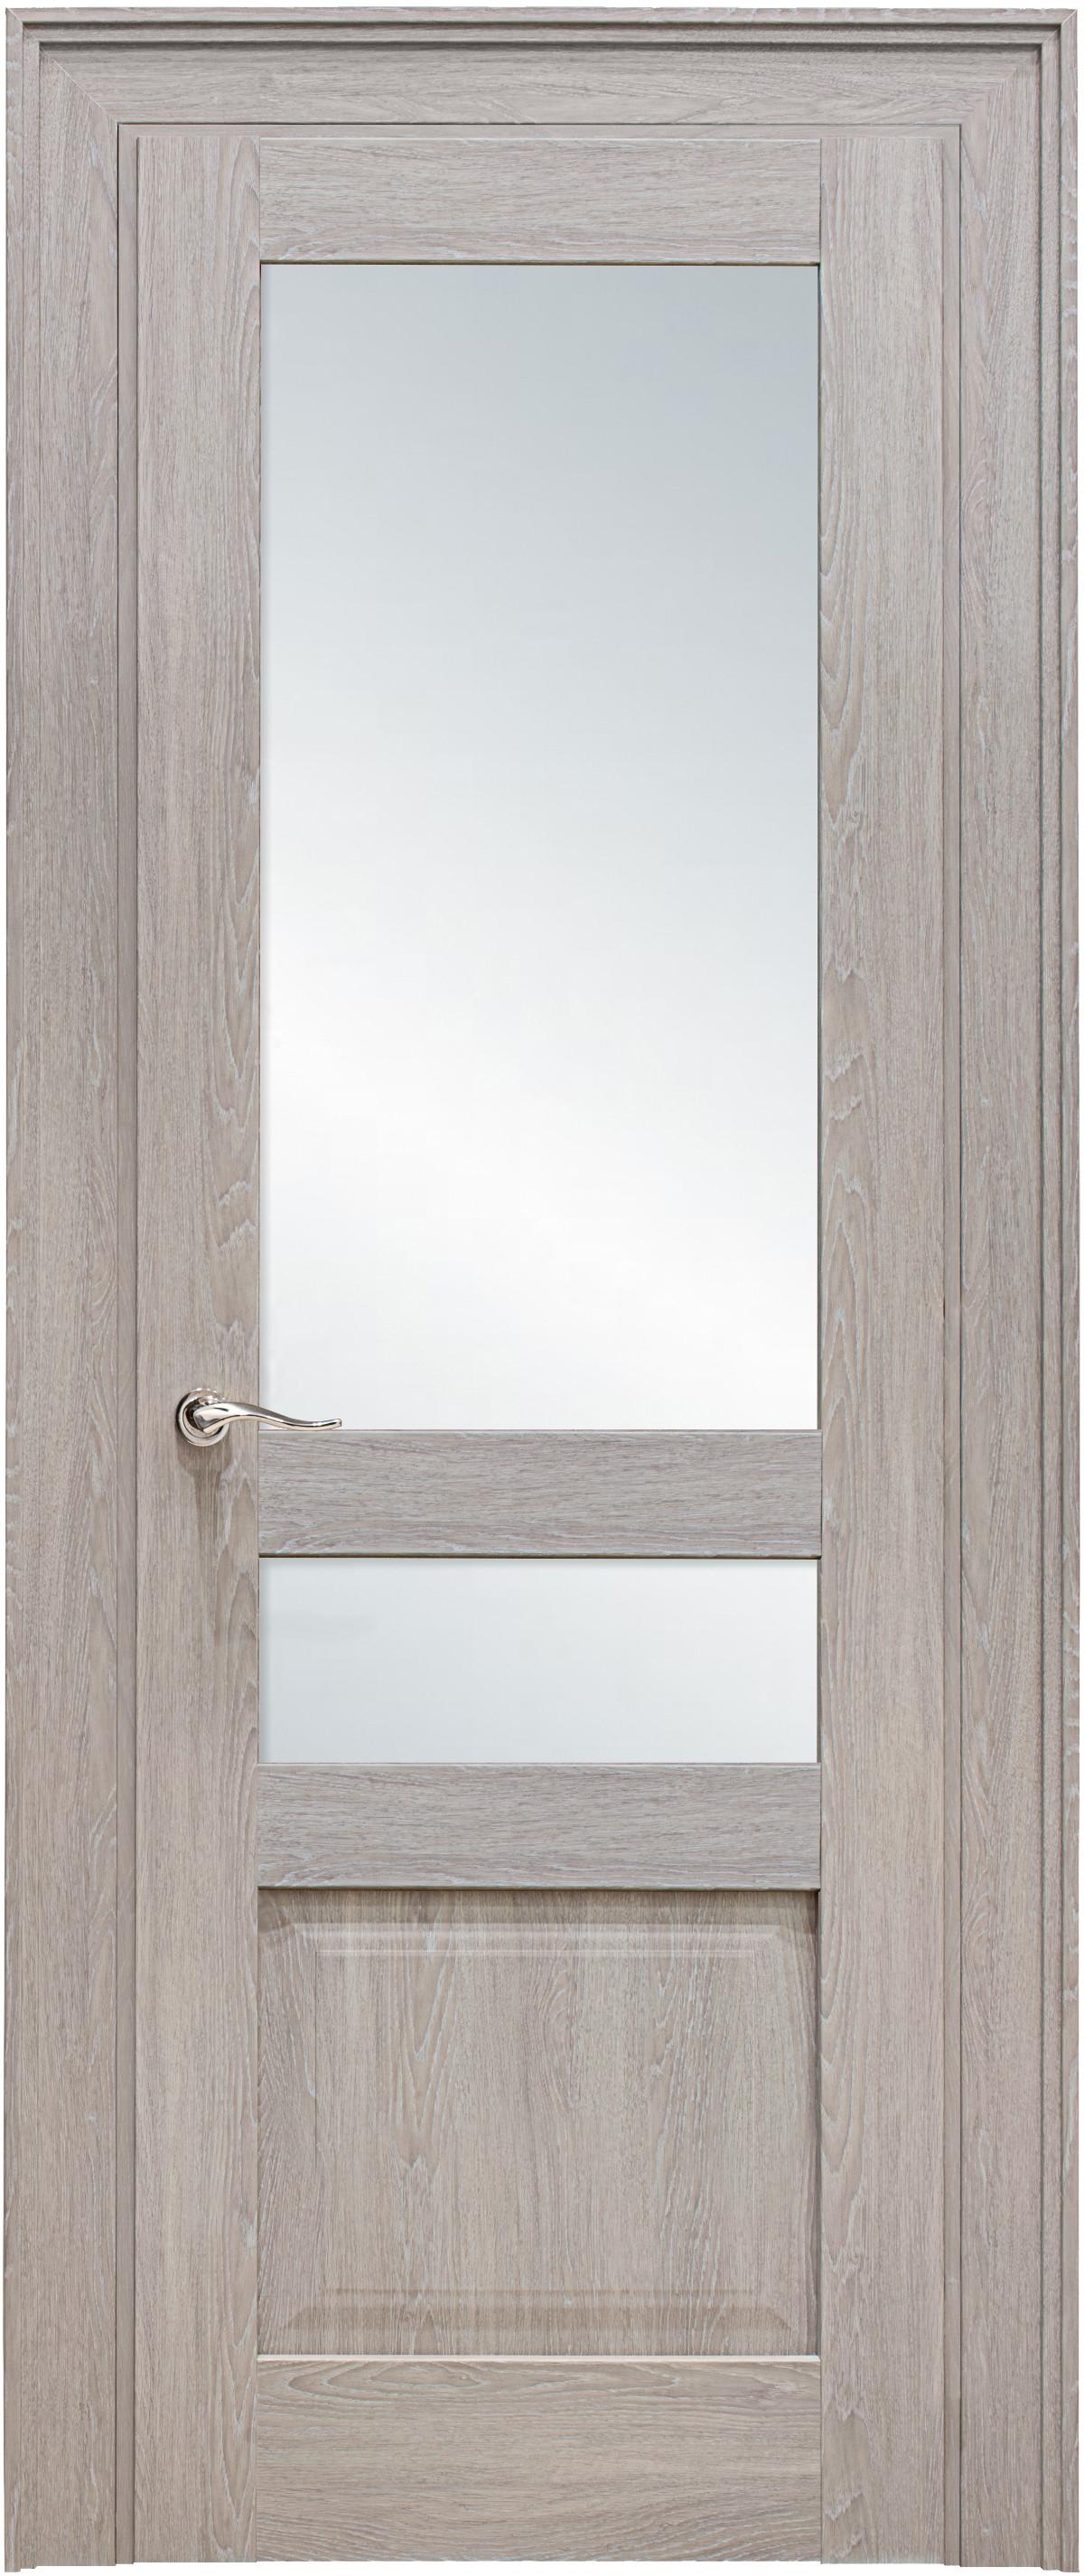 door77